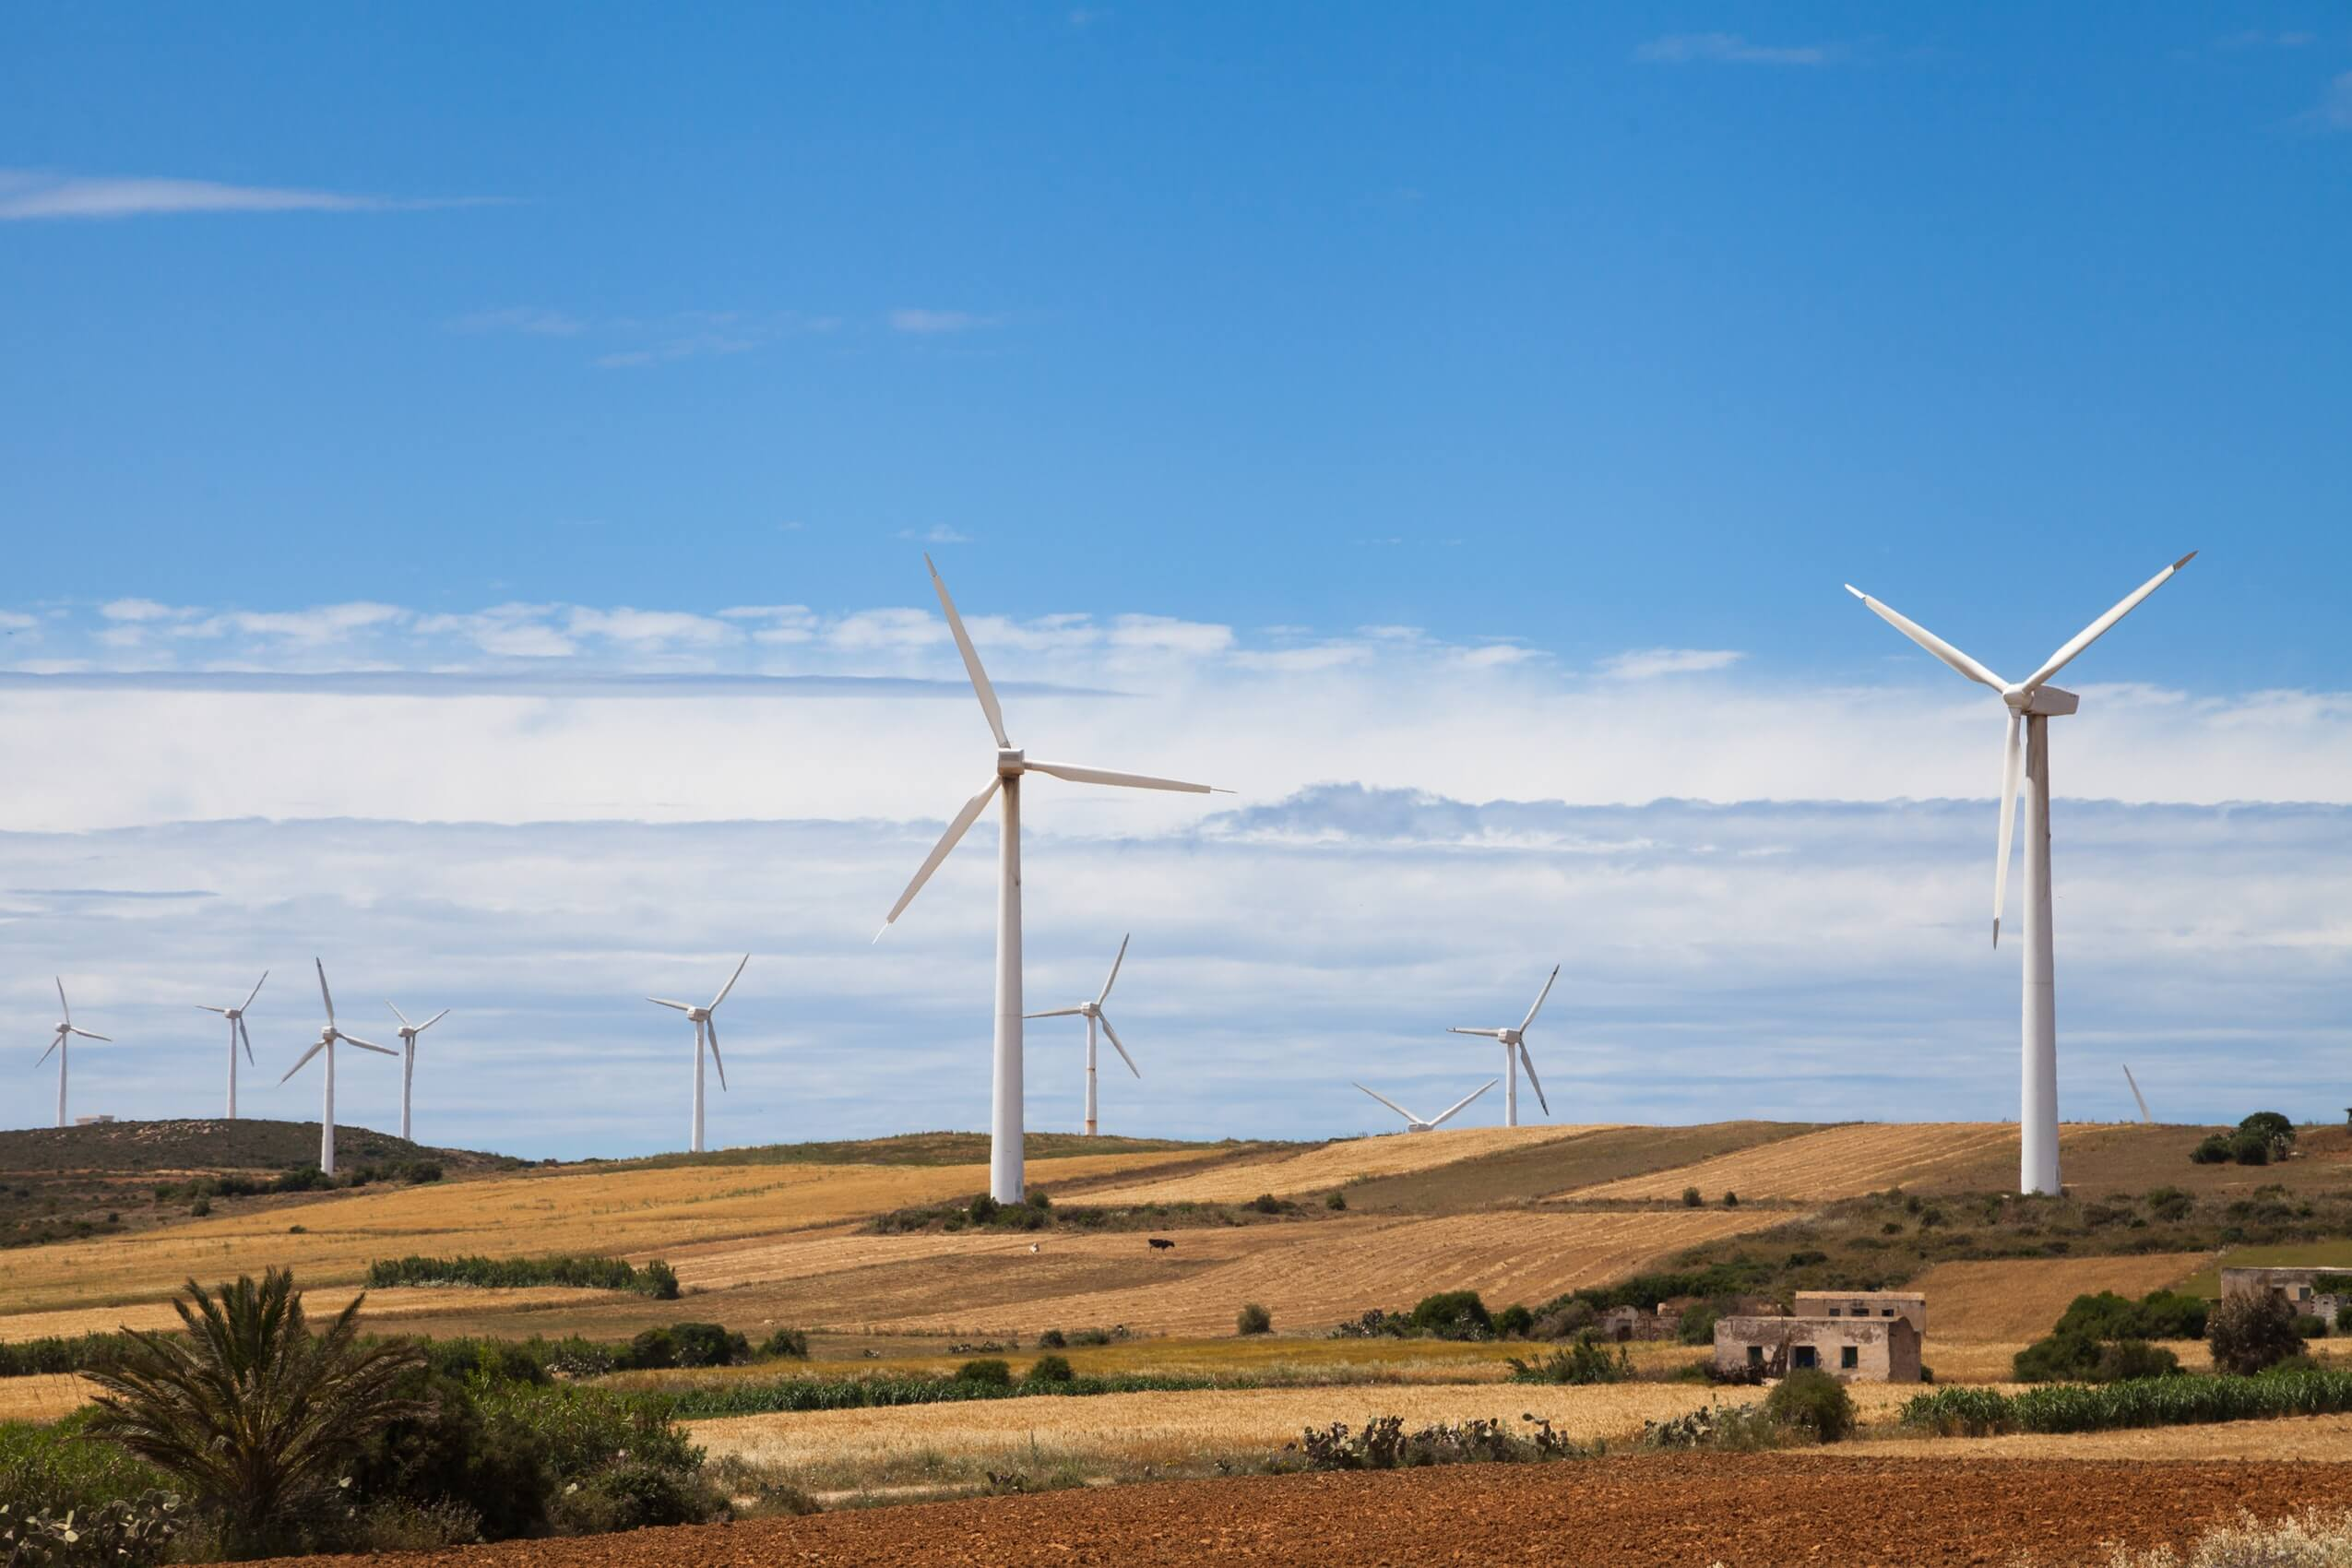 Fiberglass composite wind turbines in a field